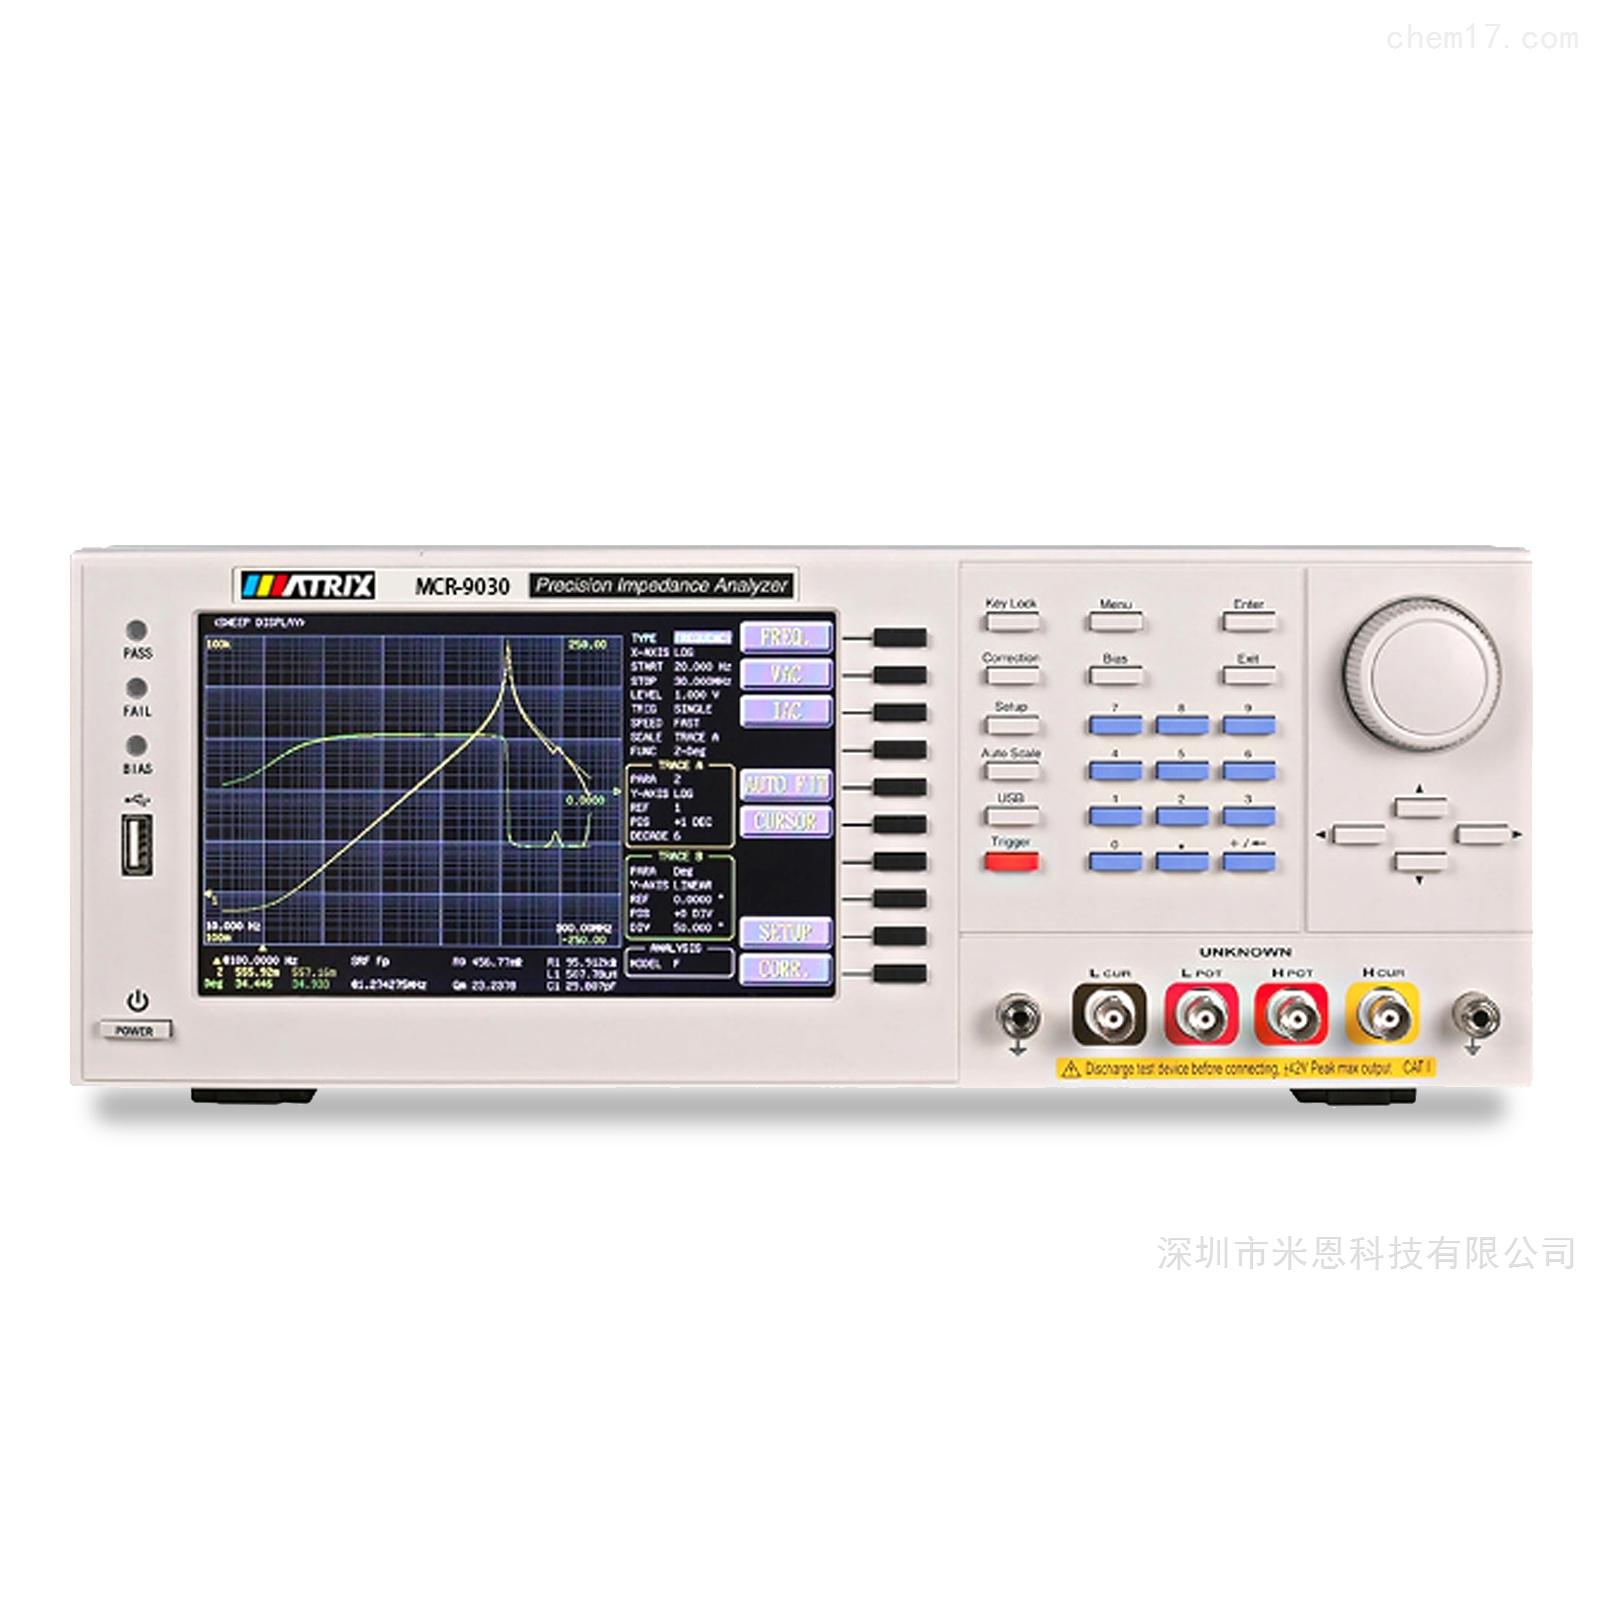 麦创Matrix MCR-9000系列精密高频电桥